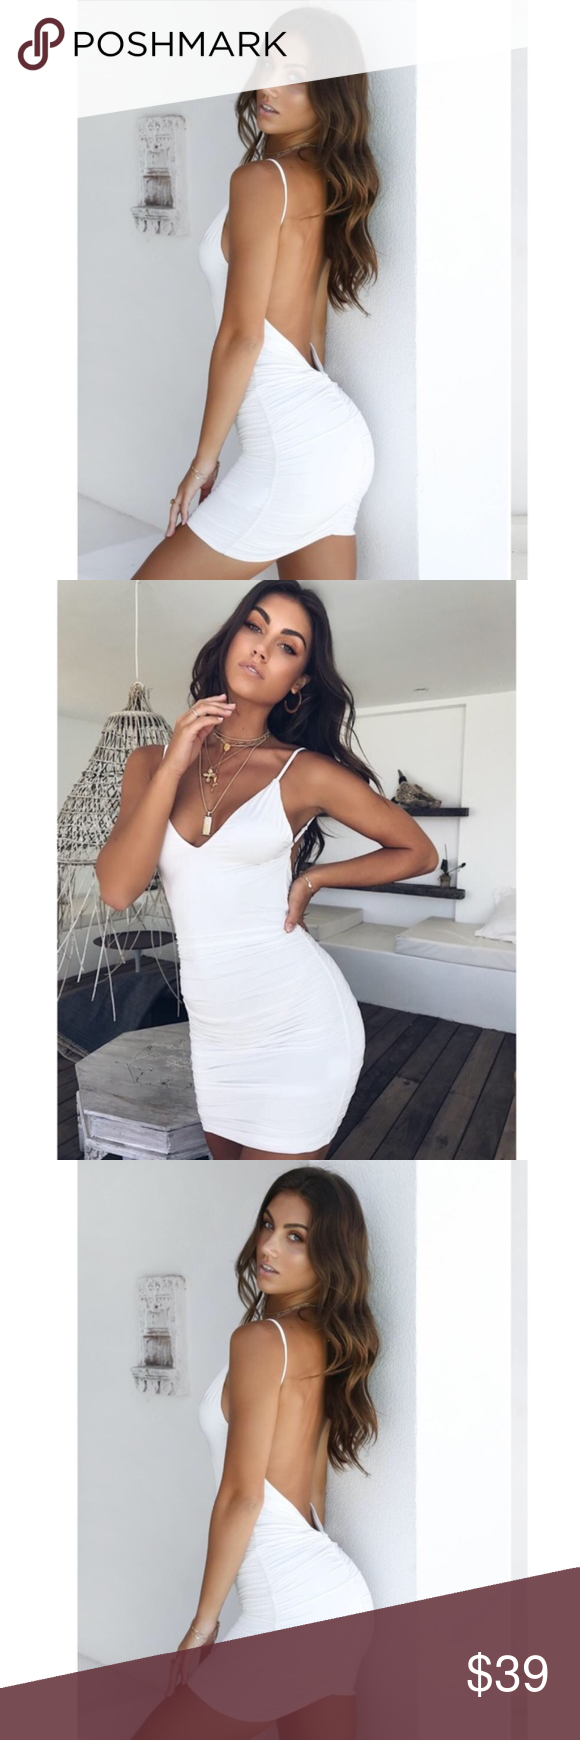 New Tiger Mist Ally Dress White Xs Stretchy Dress Tiger Mist Dress Dresses [ 1740 x 580 Pixel ]